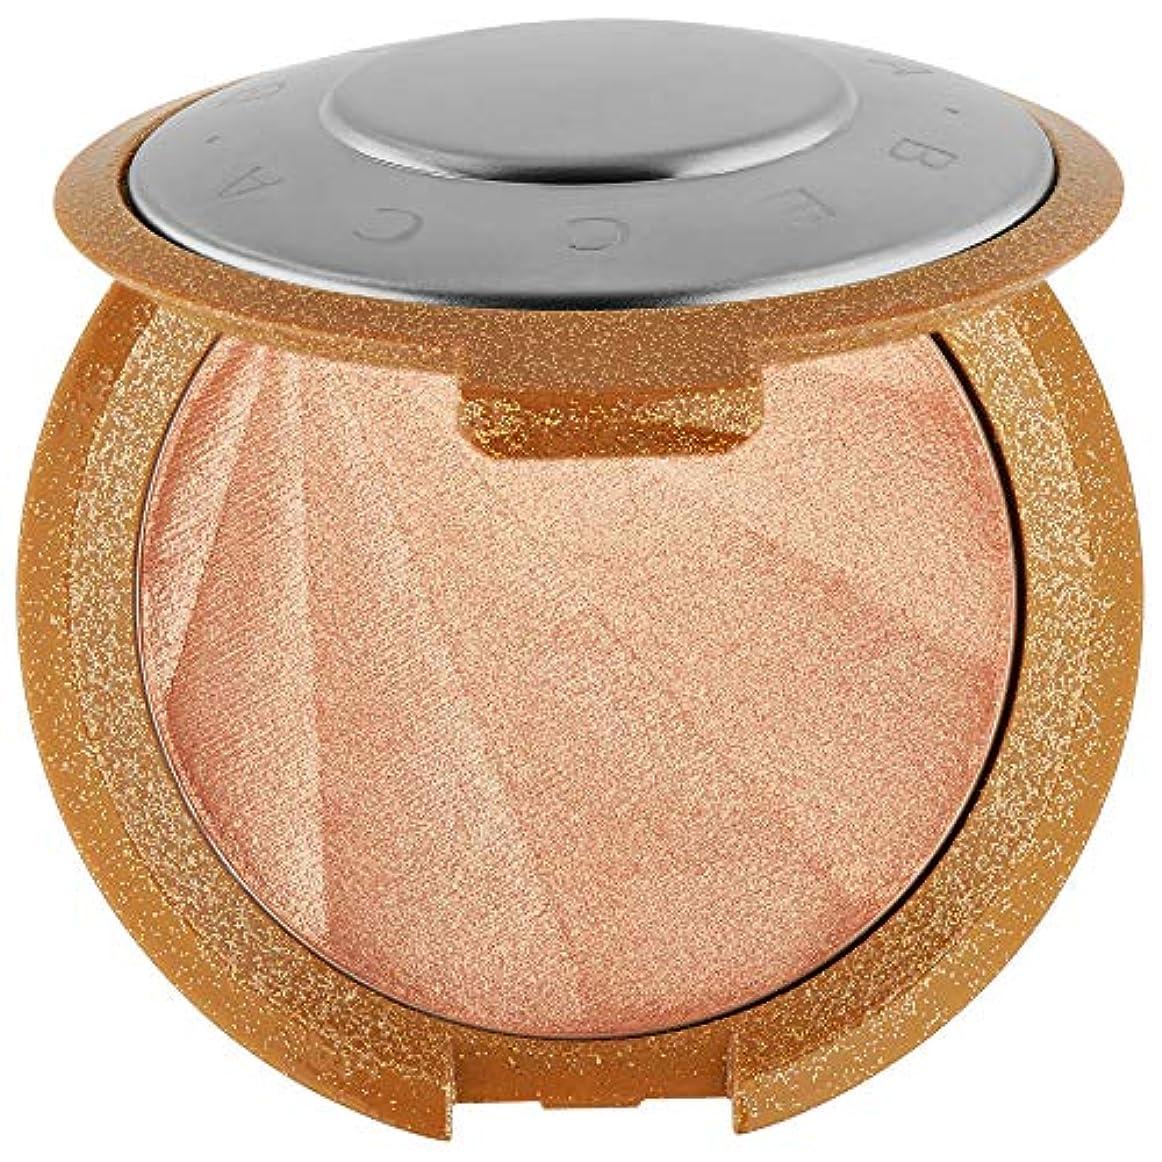 インカ帝国洋服理容師ベッカ Shimmering Skin Perfector Pressed Powder - # Champagne Pop (Collector's Edition) 7g/0.25oz並行輸入品